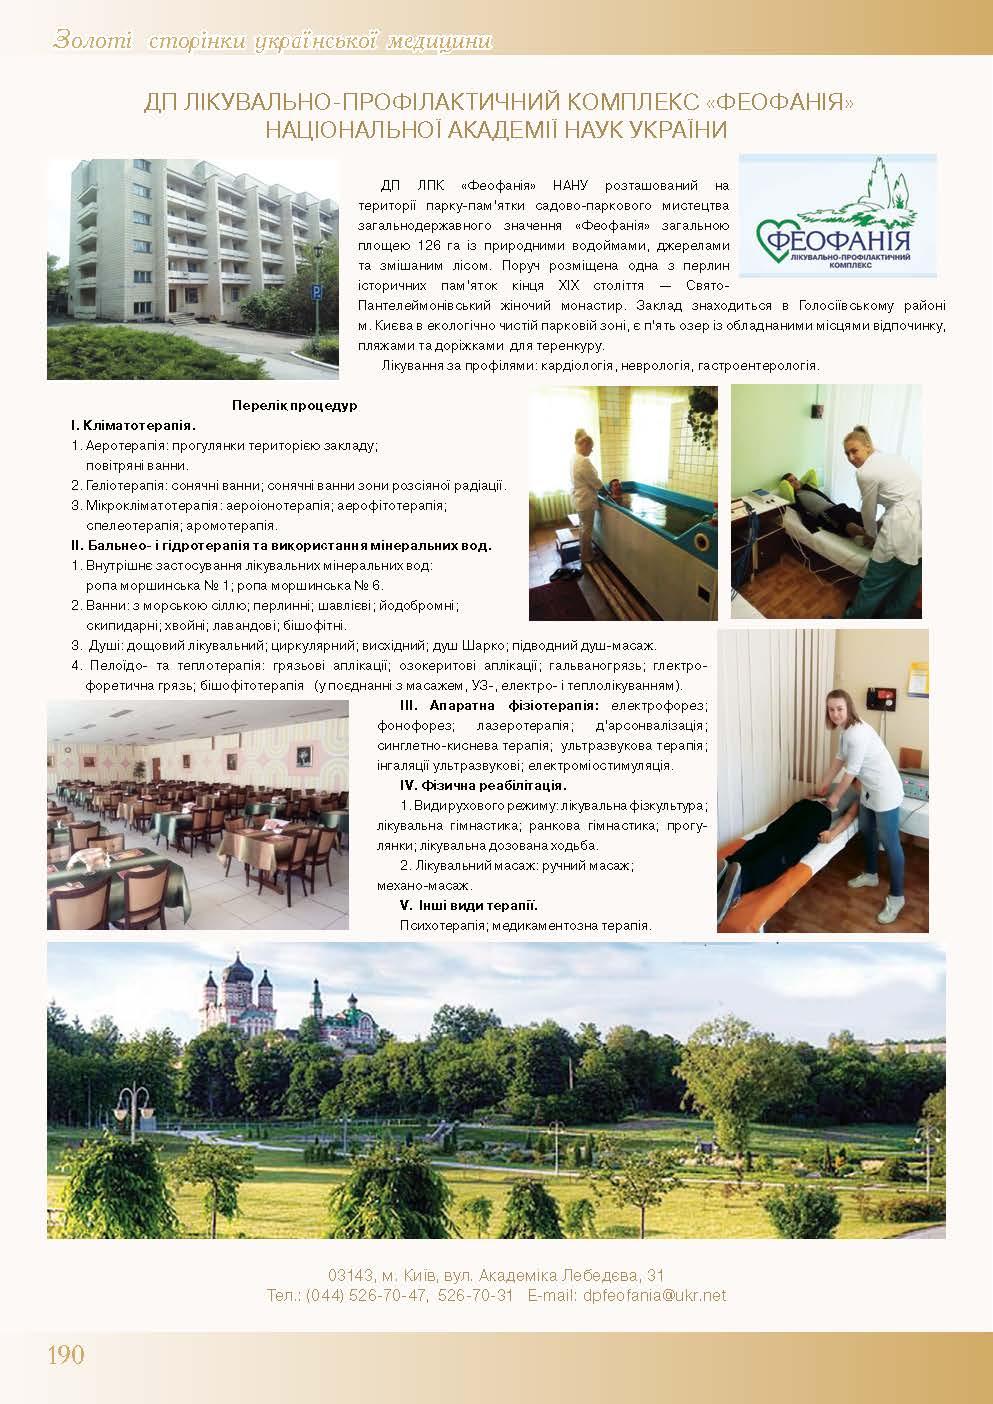 ДП Лікувально-профілактичний комплекс «Феофанія» Національної академії наук України